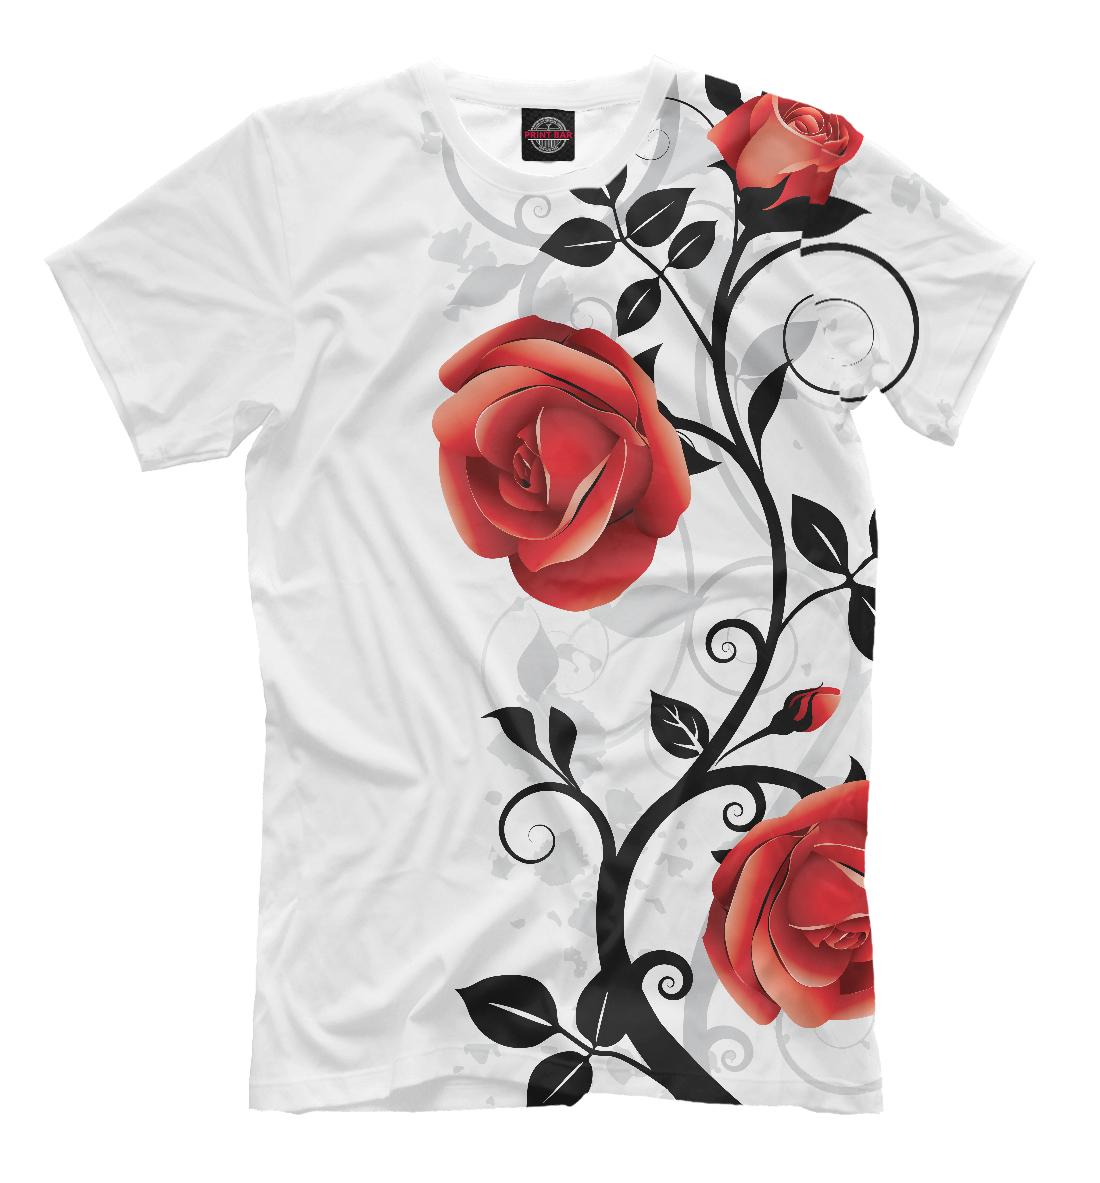 Купить Розы на снегу, Printbar, Футболки, CVE-869613-fut-2